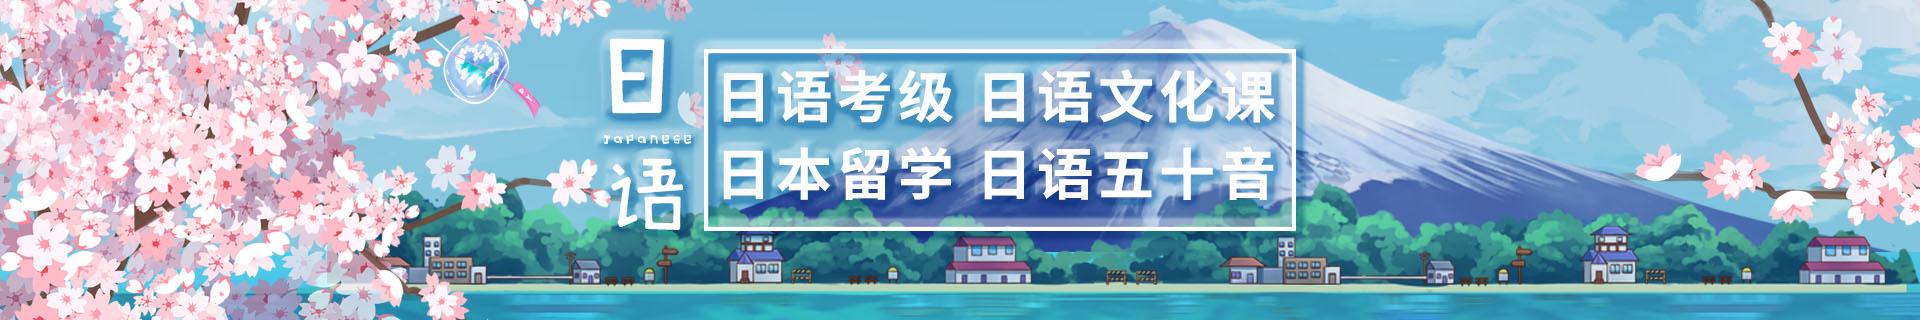 上海徐汇樱花国际日语培训机构